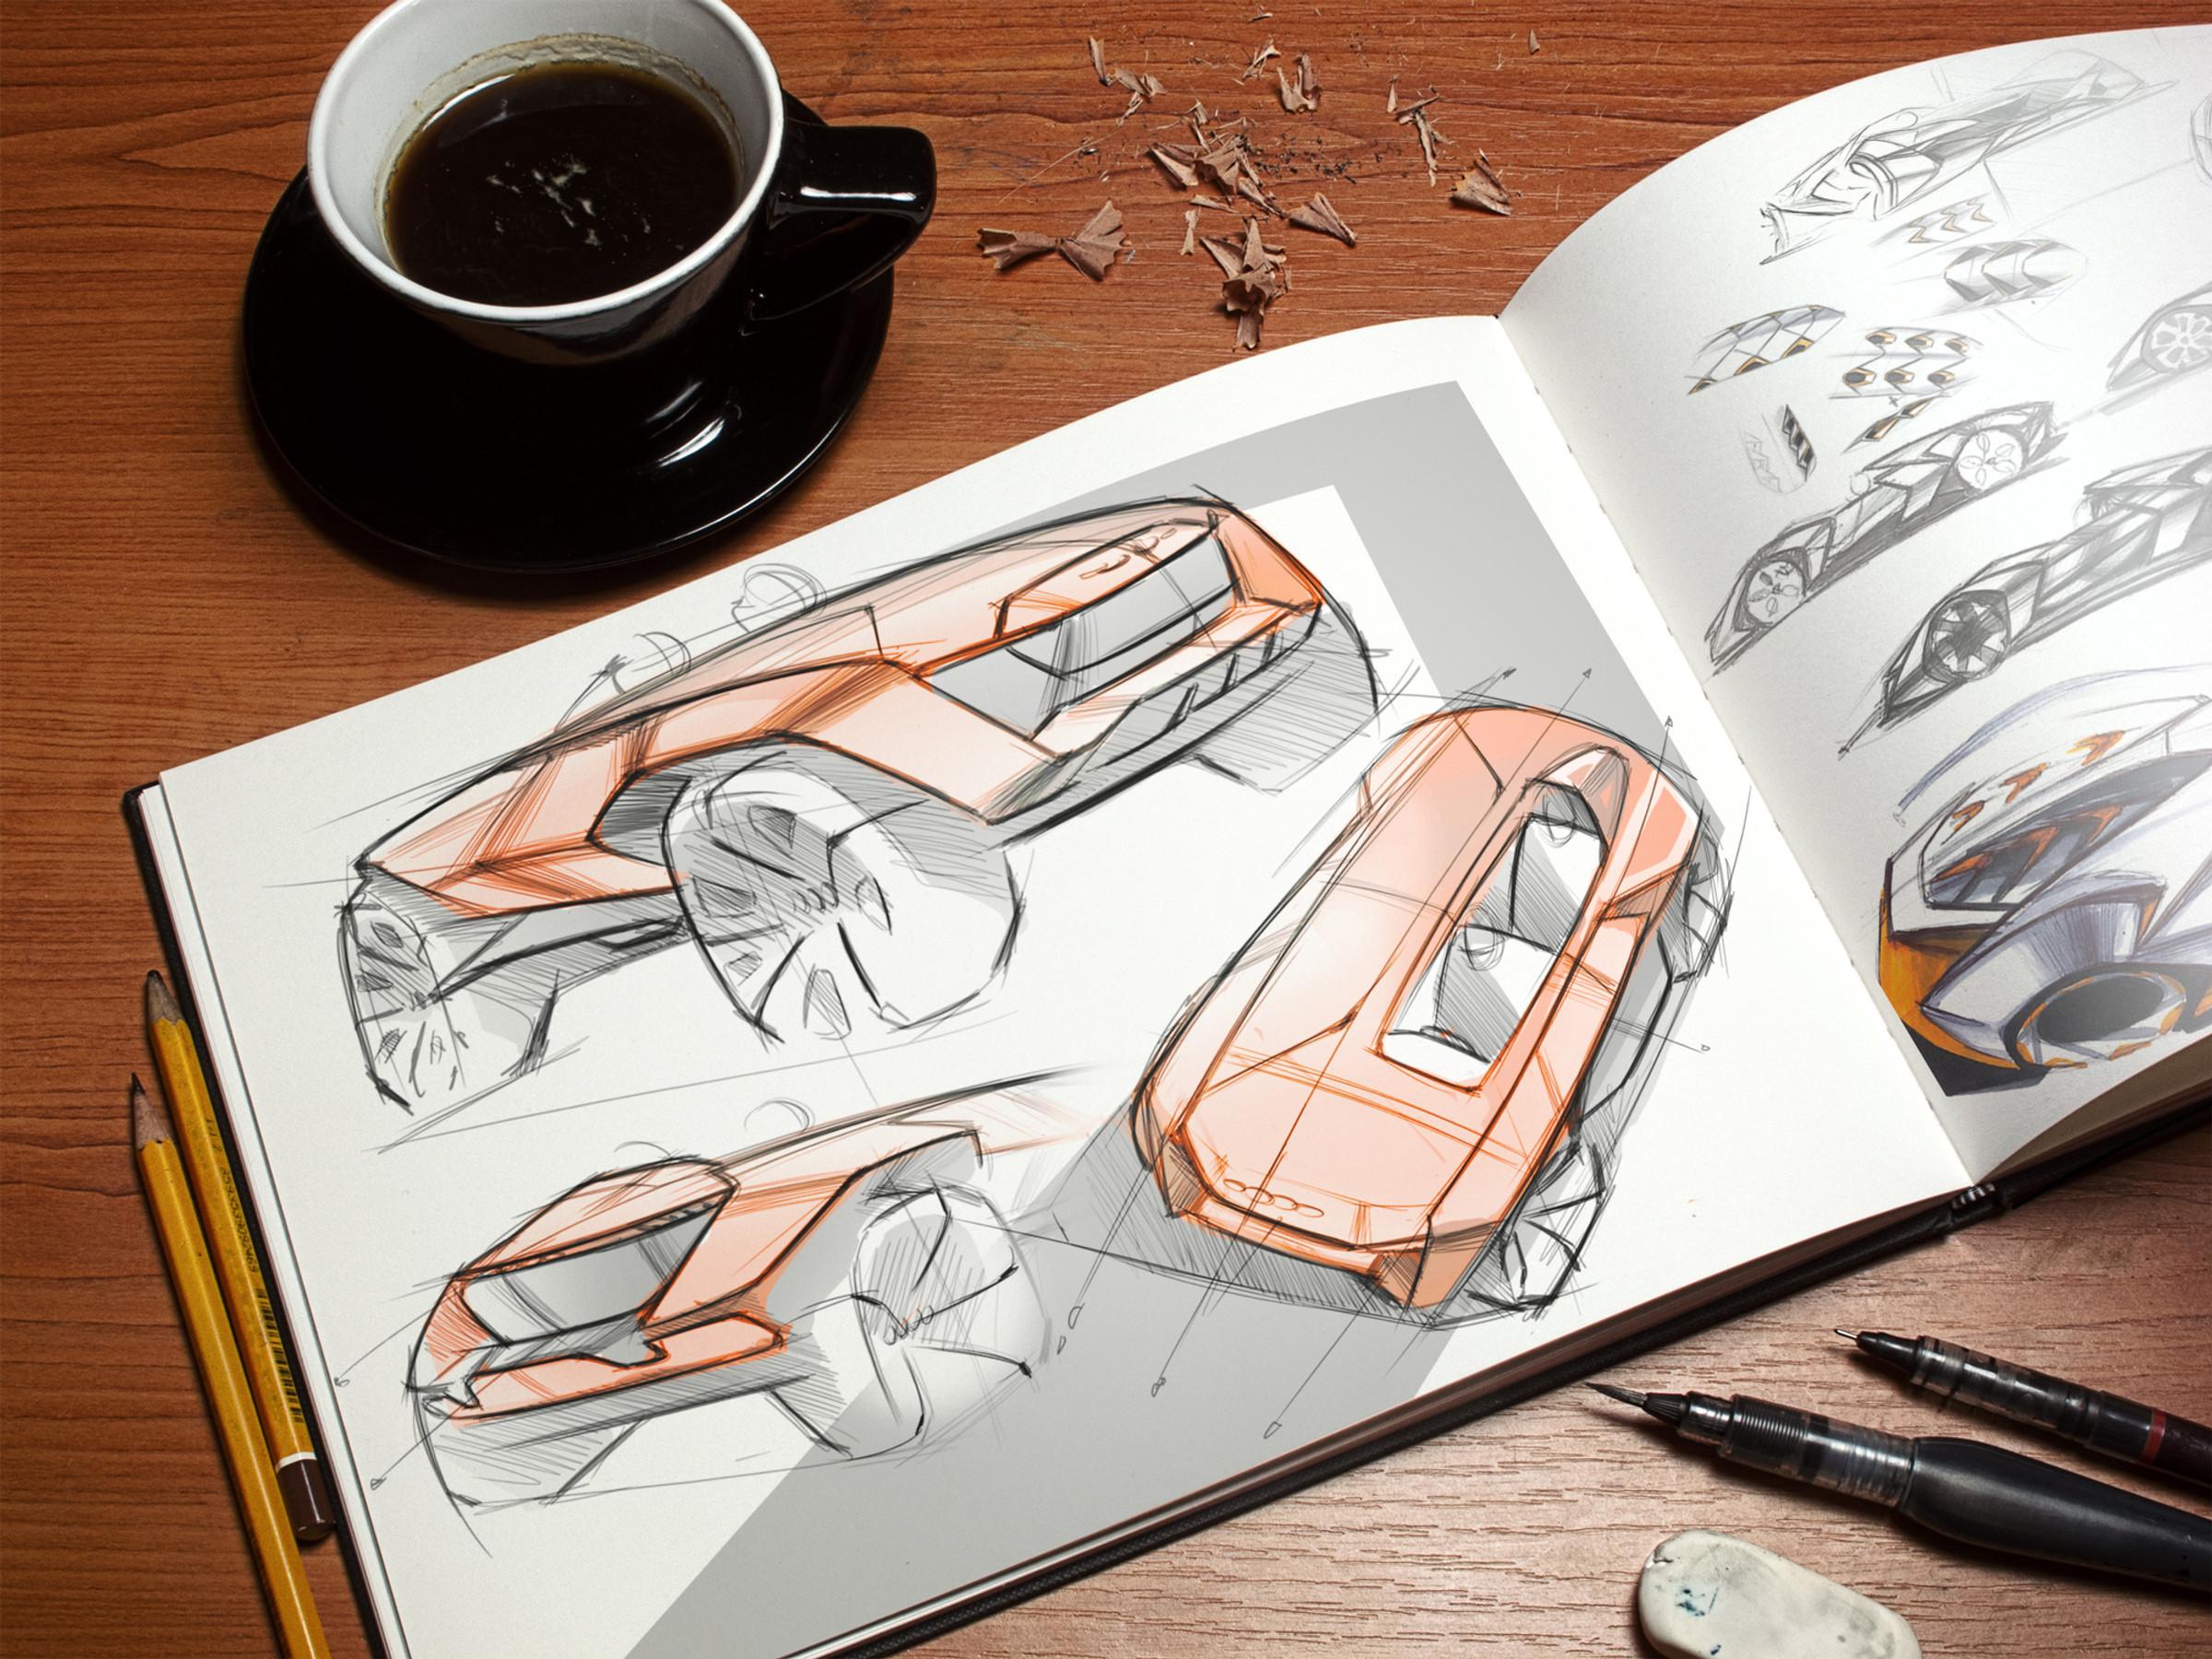 10h - Basics of Sketching